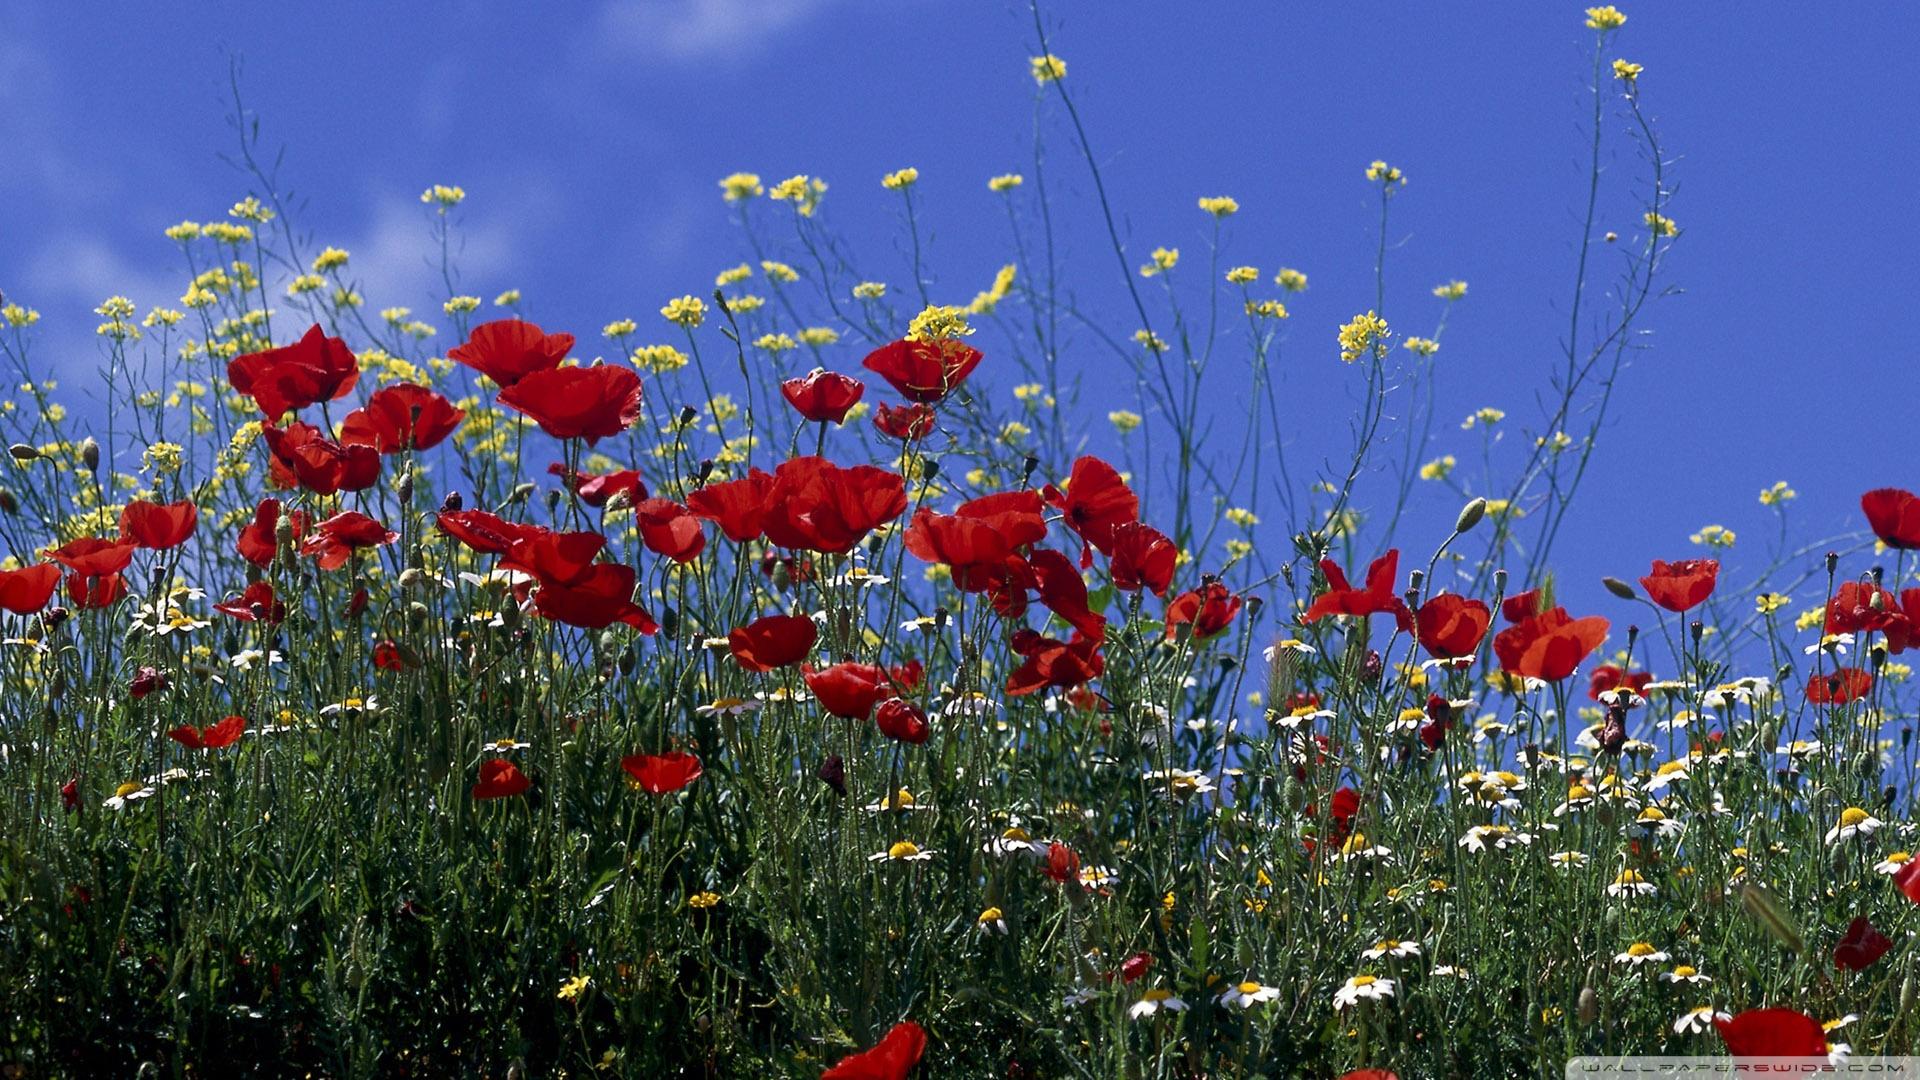 Poppy Field Summer Wallpaper 1920x1080 Poppy Field Summer 1920x1080